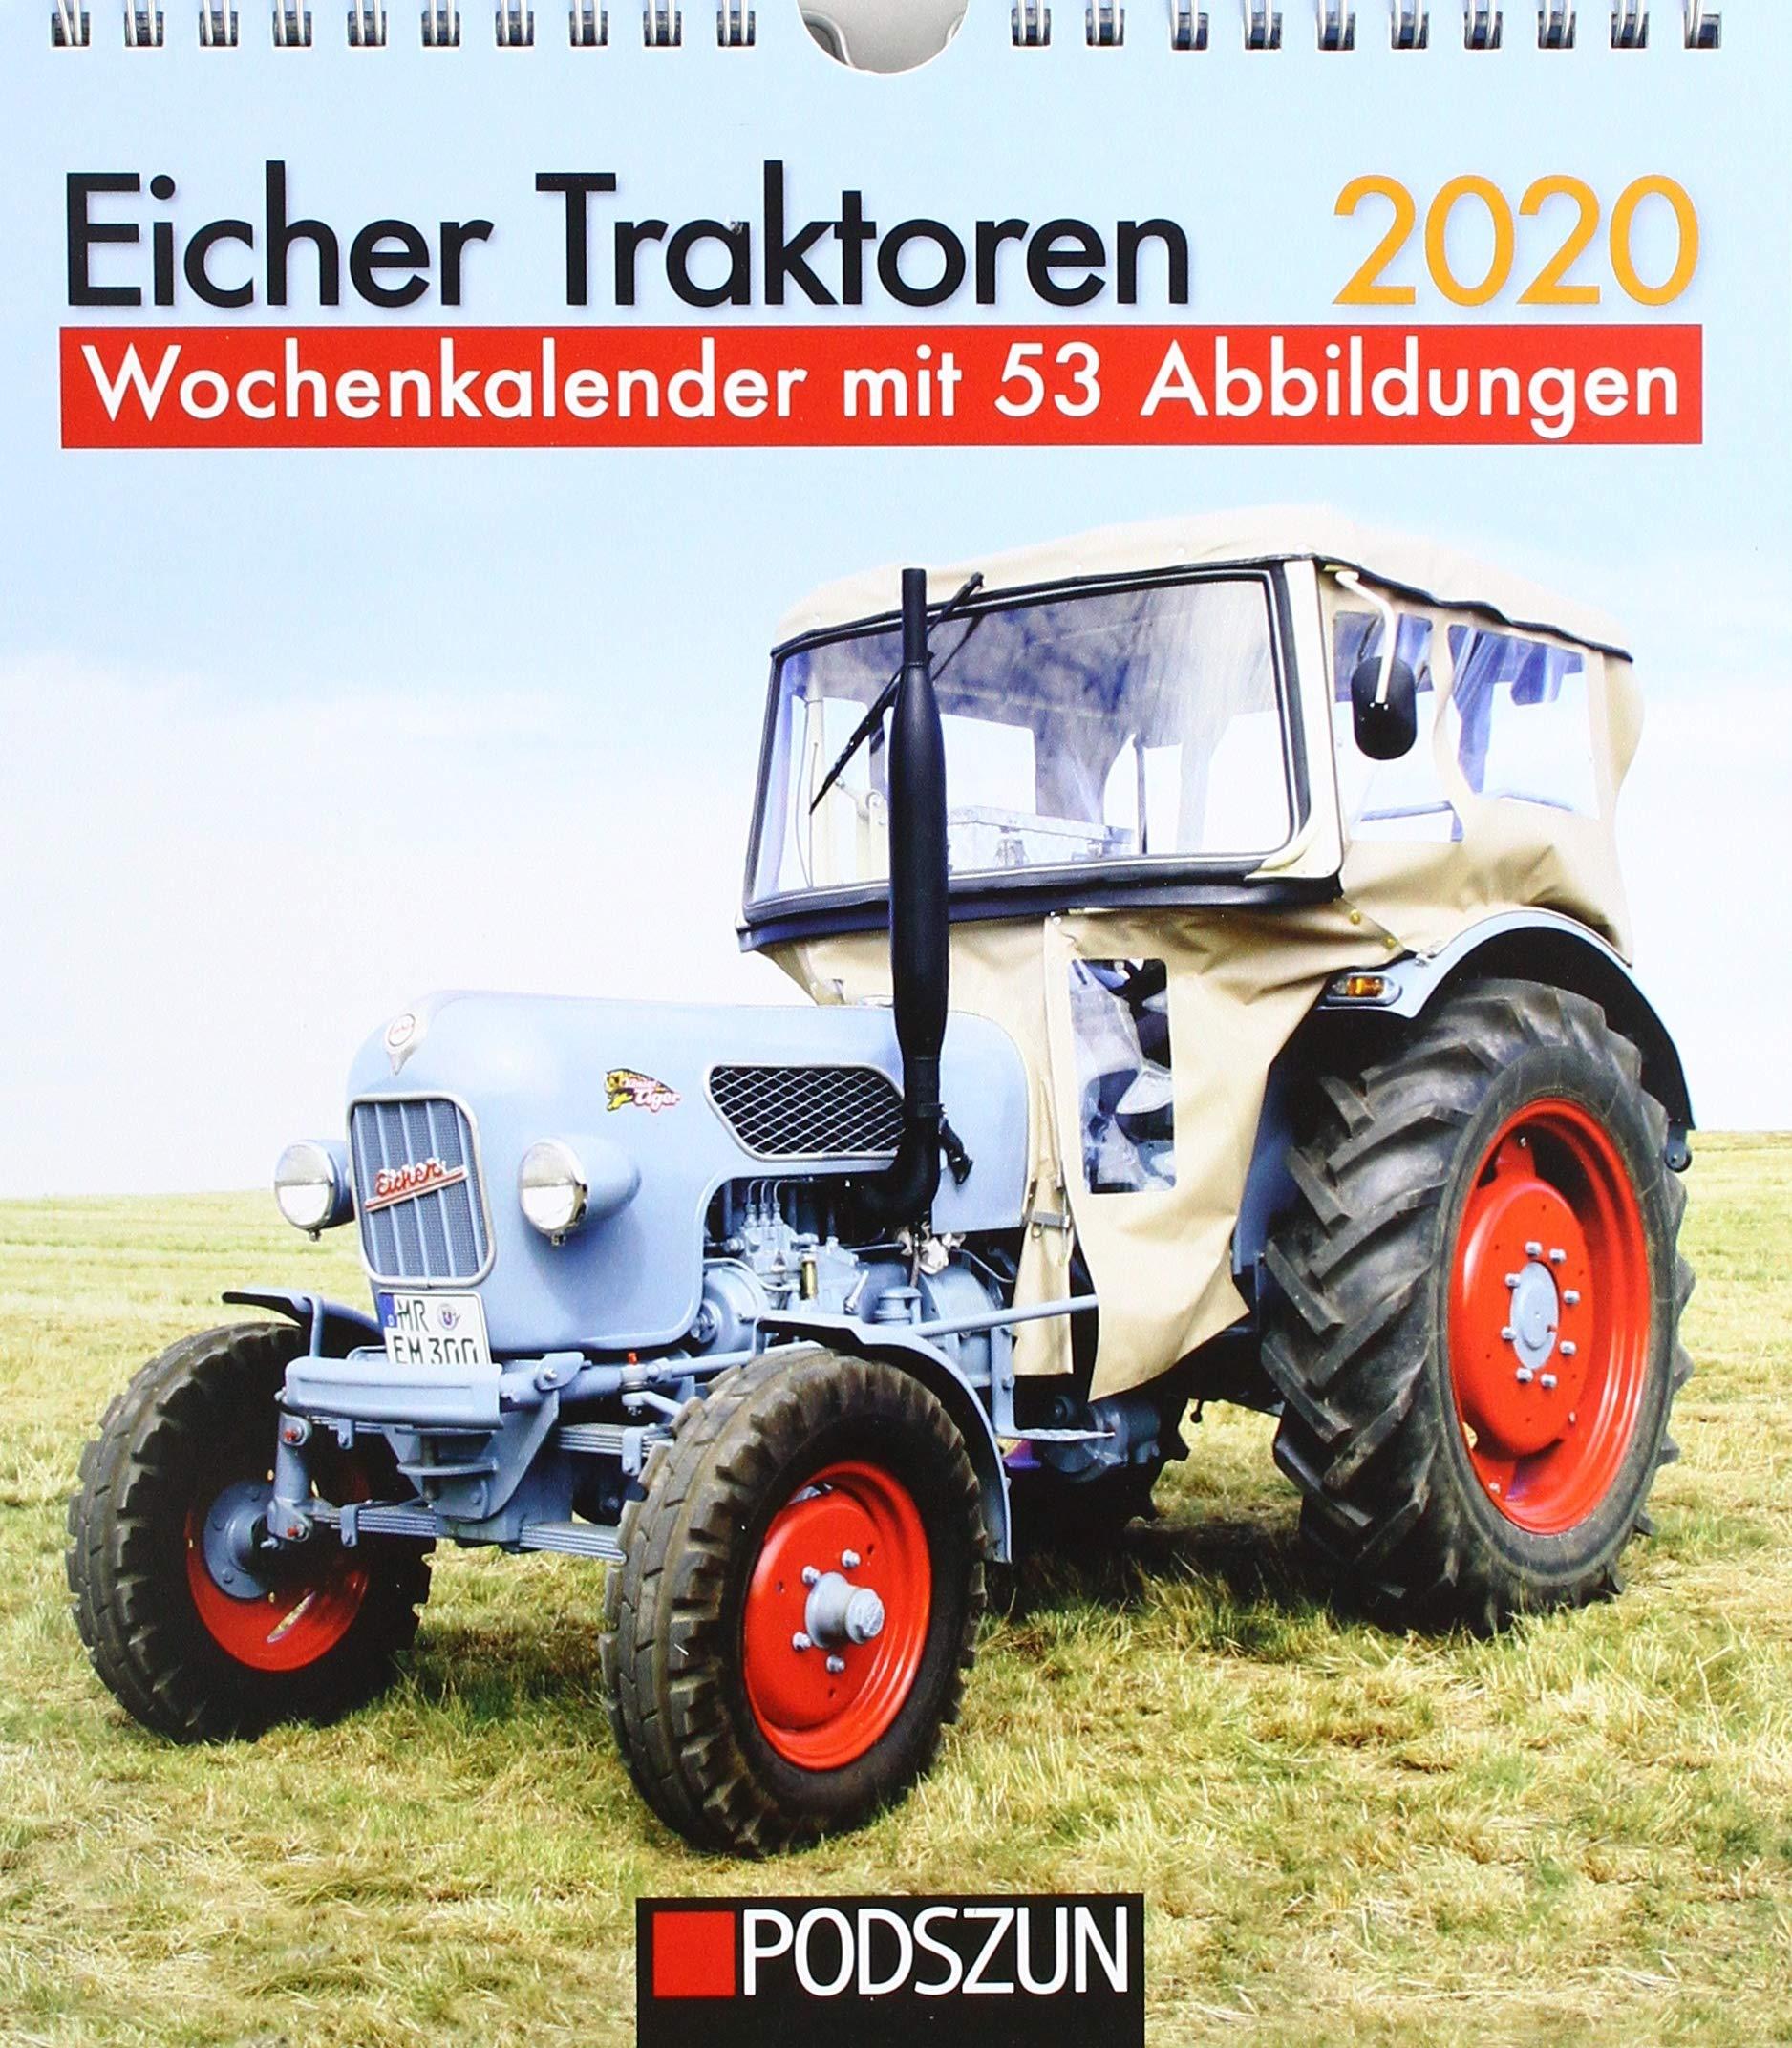 Eicher Traktoren 2020: Wochenkalender mit 53 Fotografien